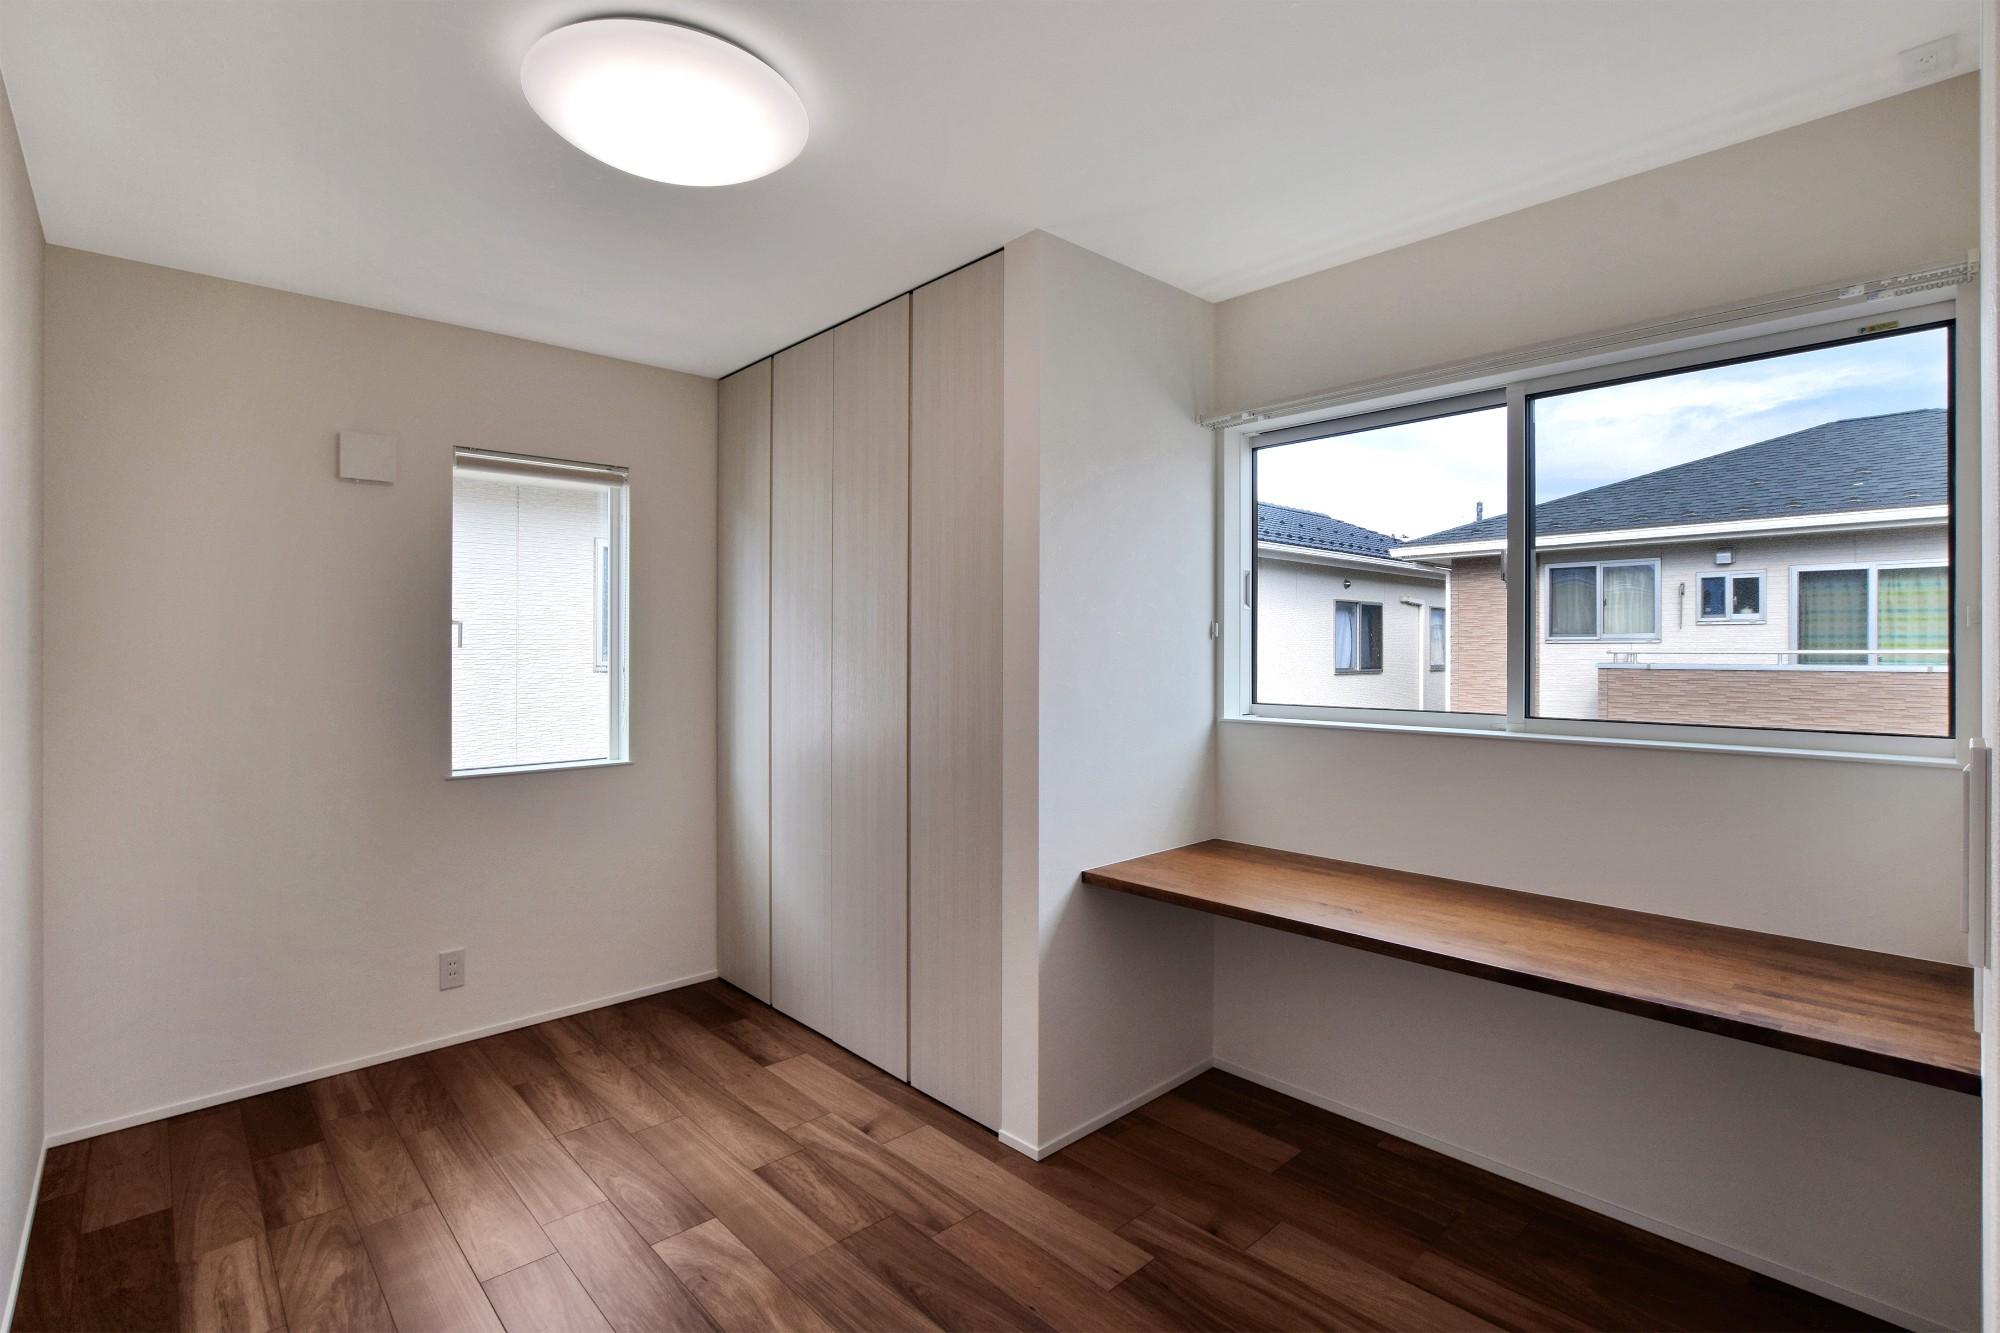 DETAIL HOME(ディテールホーム)「モールテックスキッチンとインテリアにこだわった住まい」のシンプル・ナチュラルな居室の実例写真